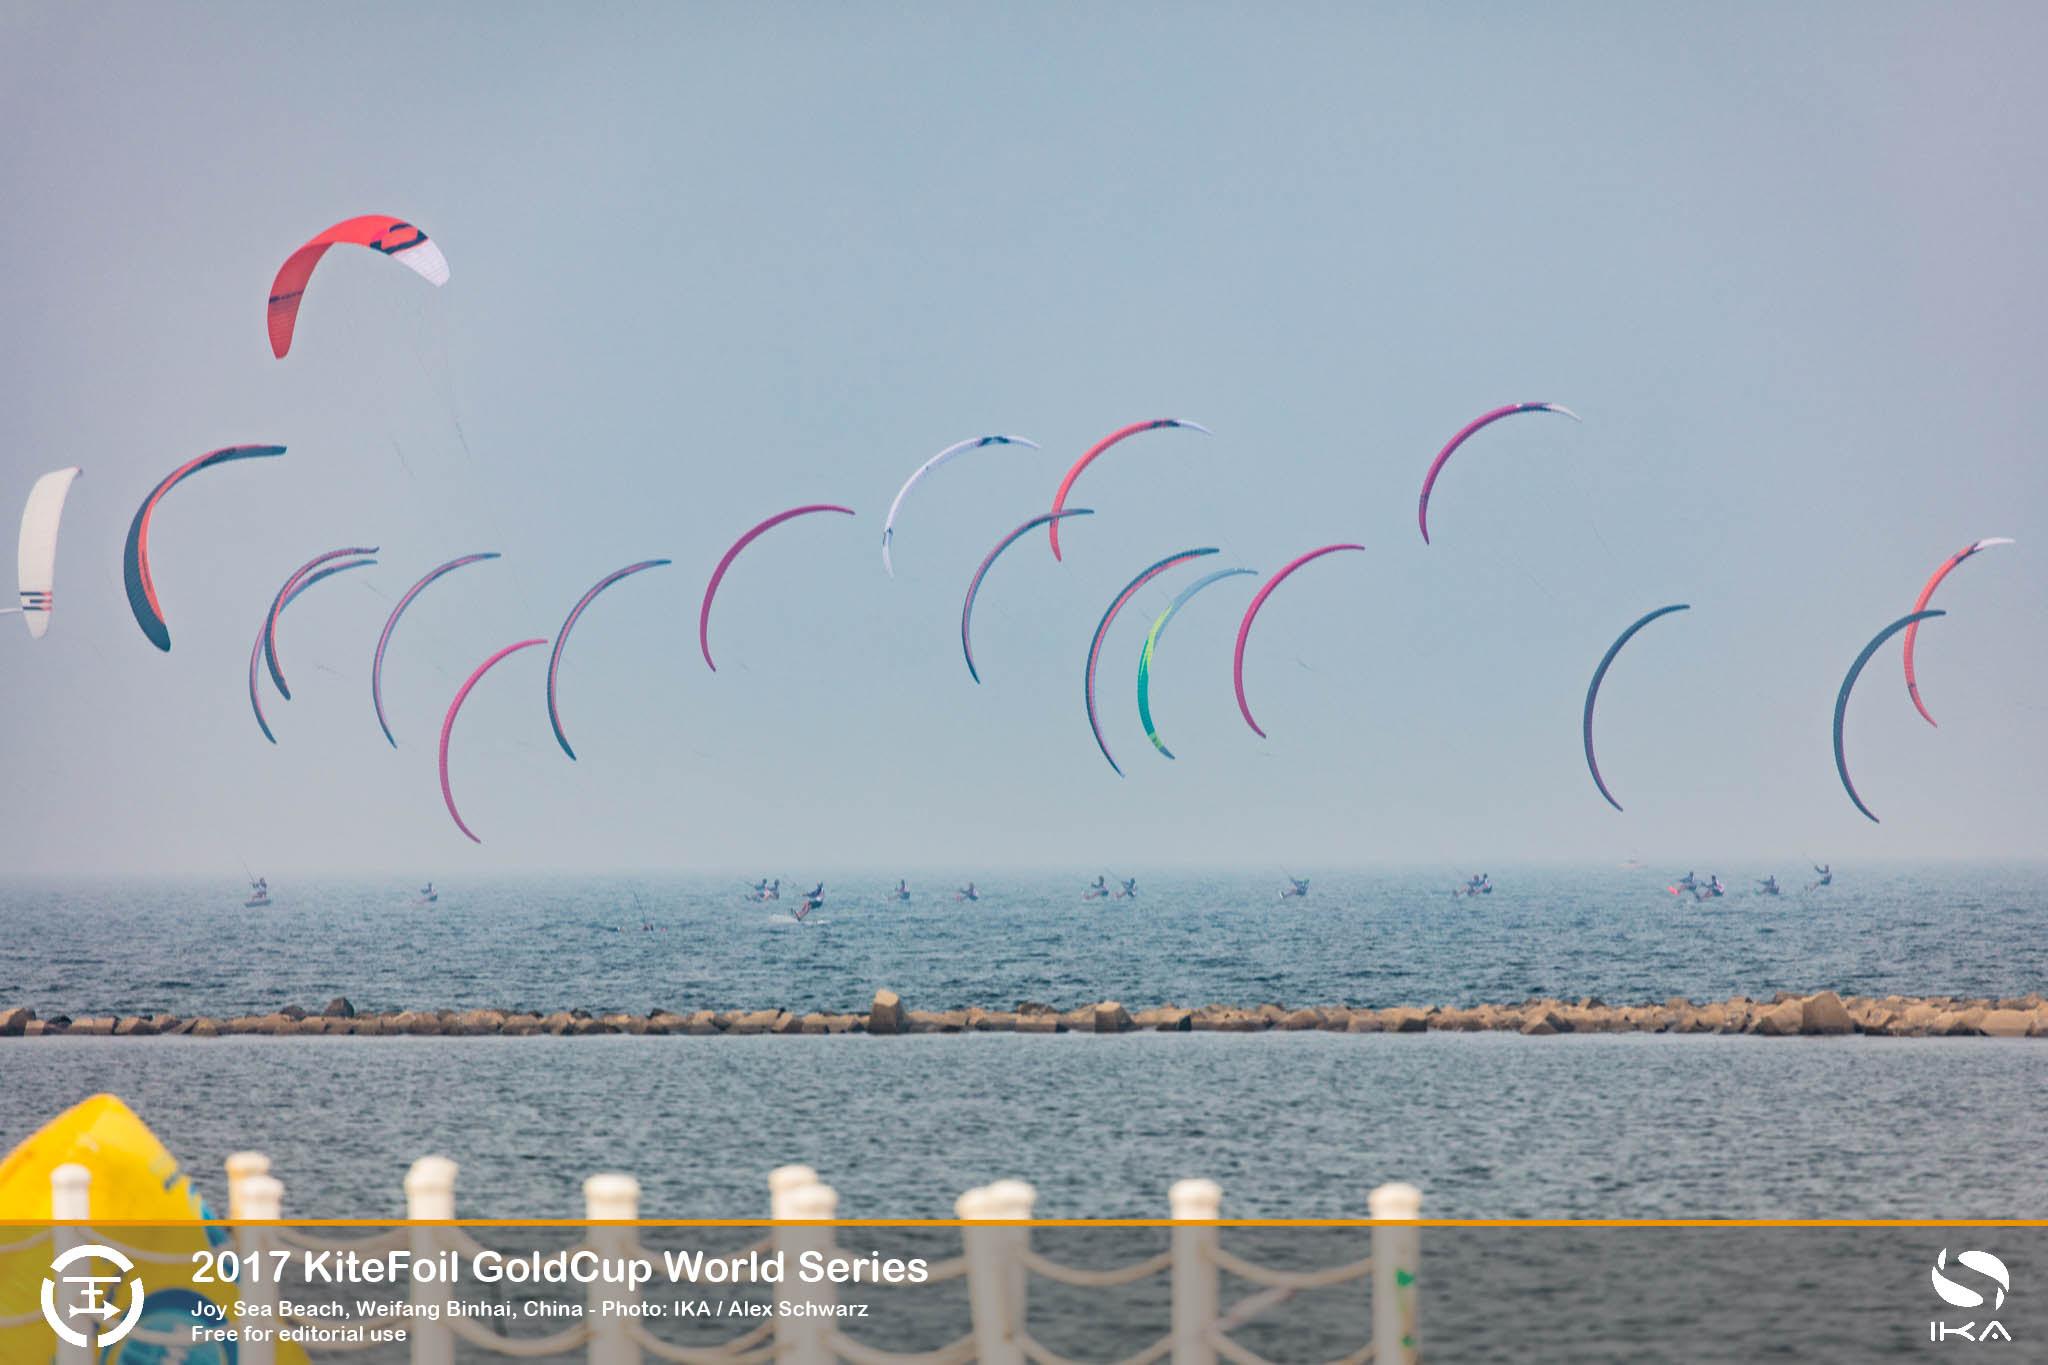 38db4d89 4929 419c 9a7b 8f2475de214a - KiteFoil GoldCup - Day 1